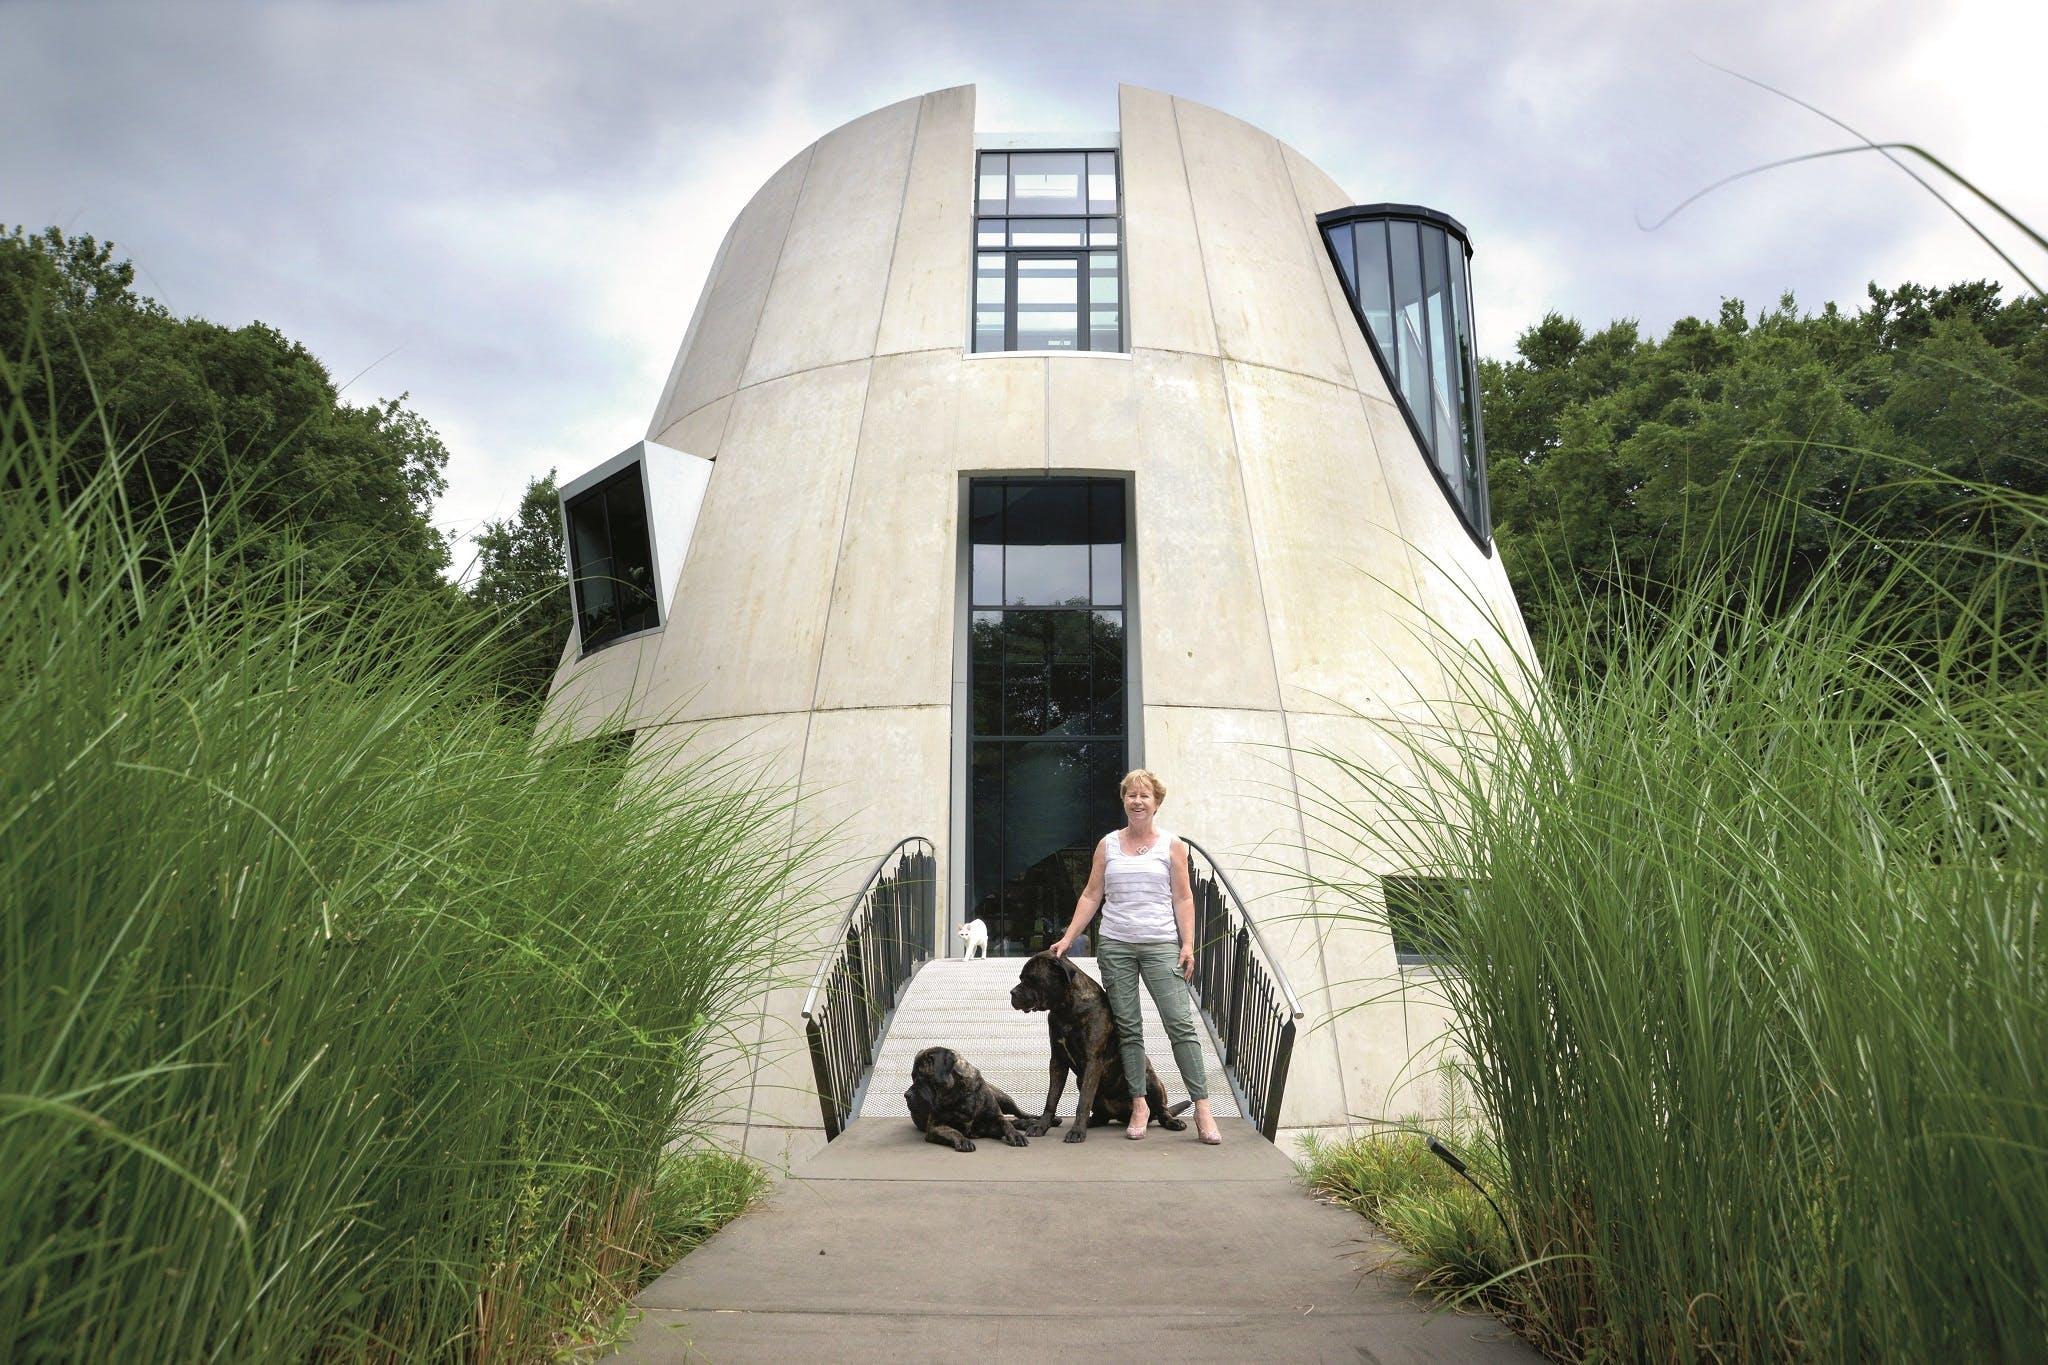 Futuristisch wonen midden in de natuur   Het Financieele Dagblad